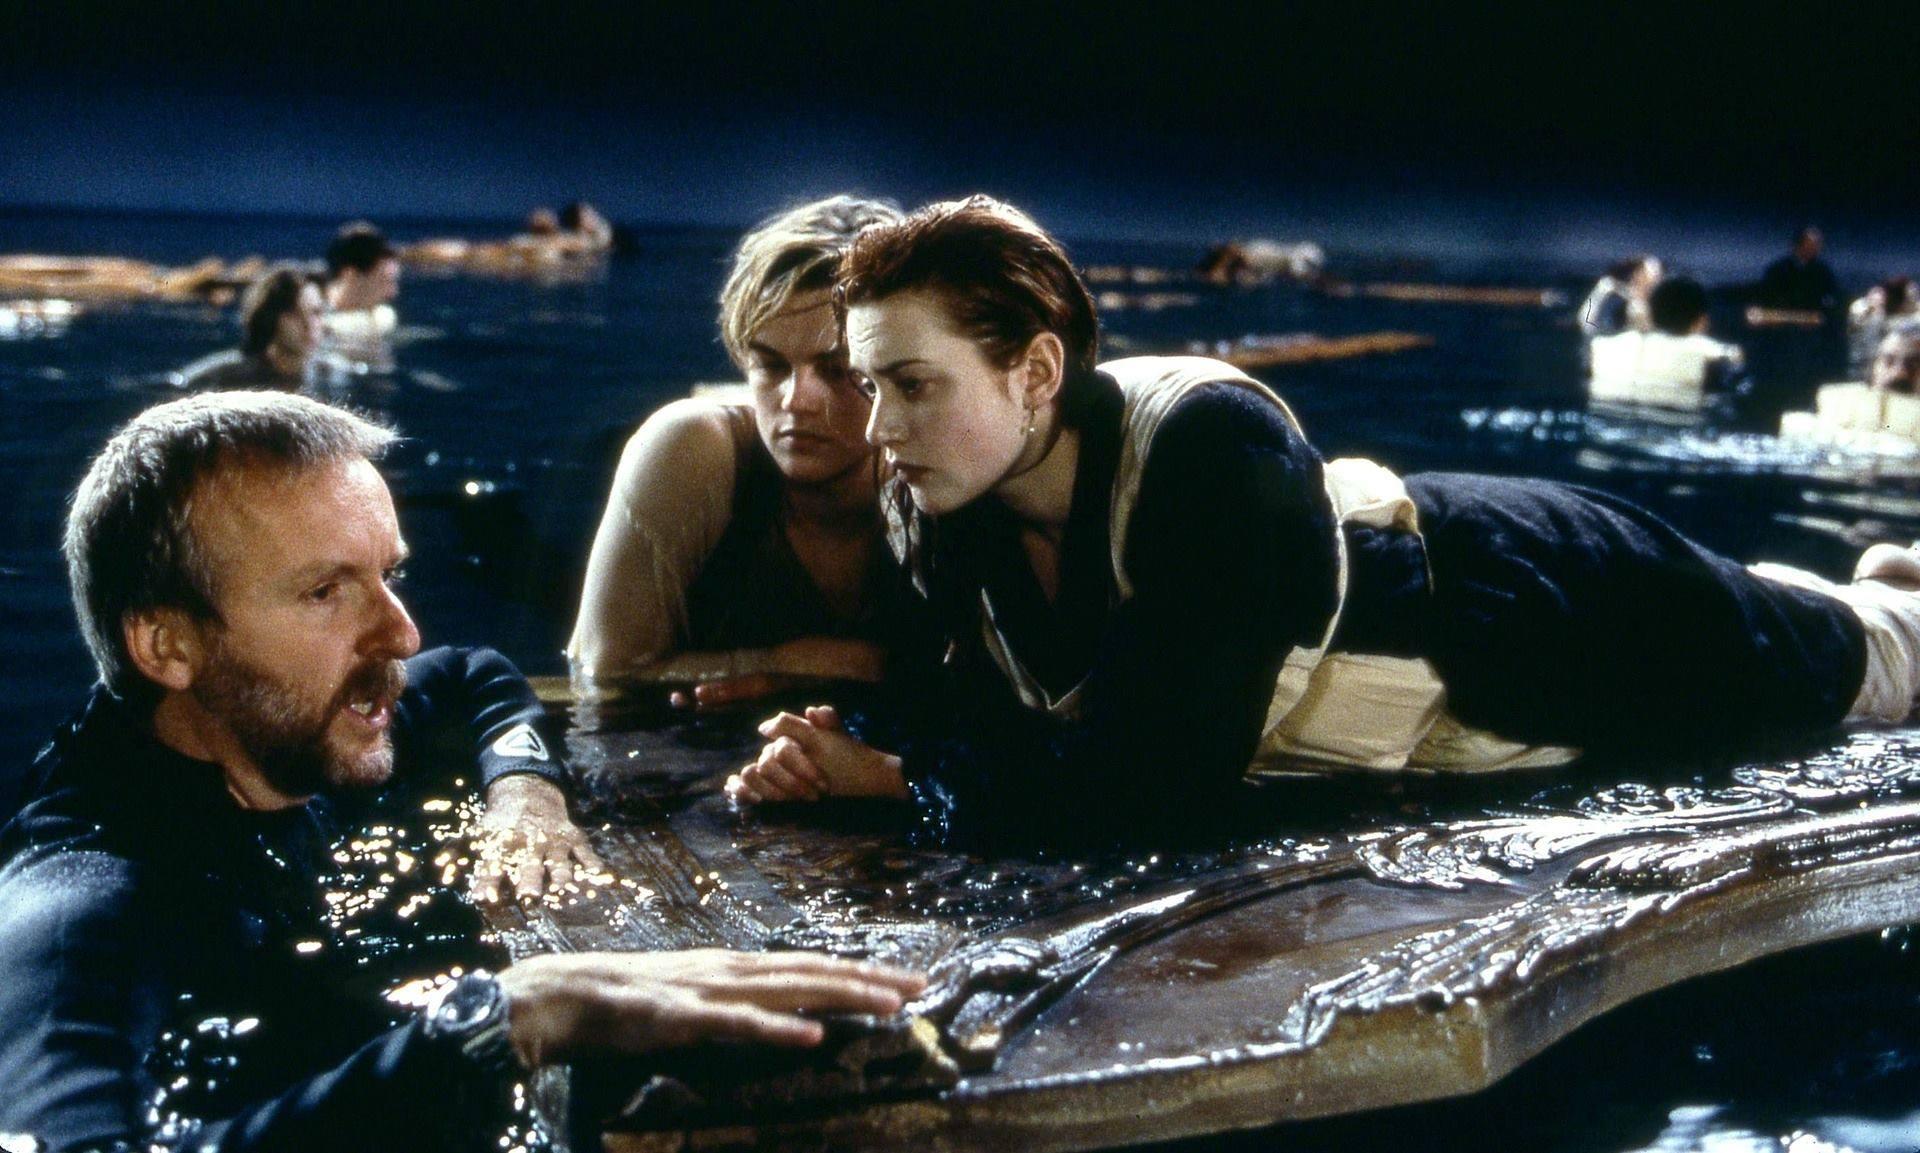 Filme Titanic: bastidores, imagem do filme titanic